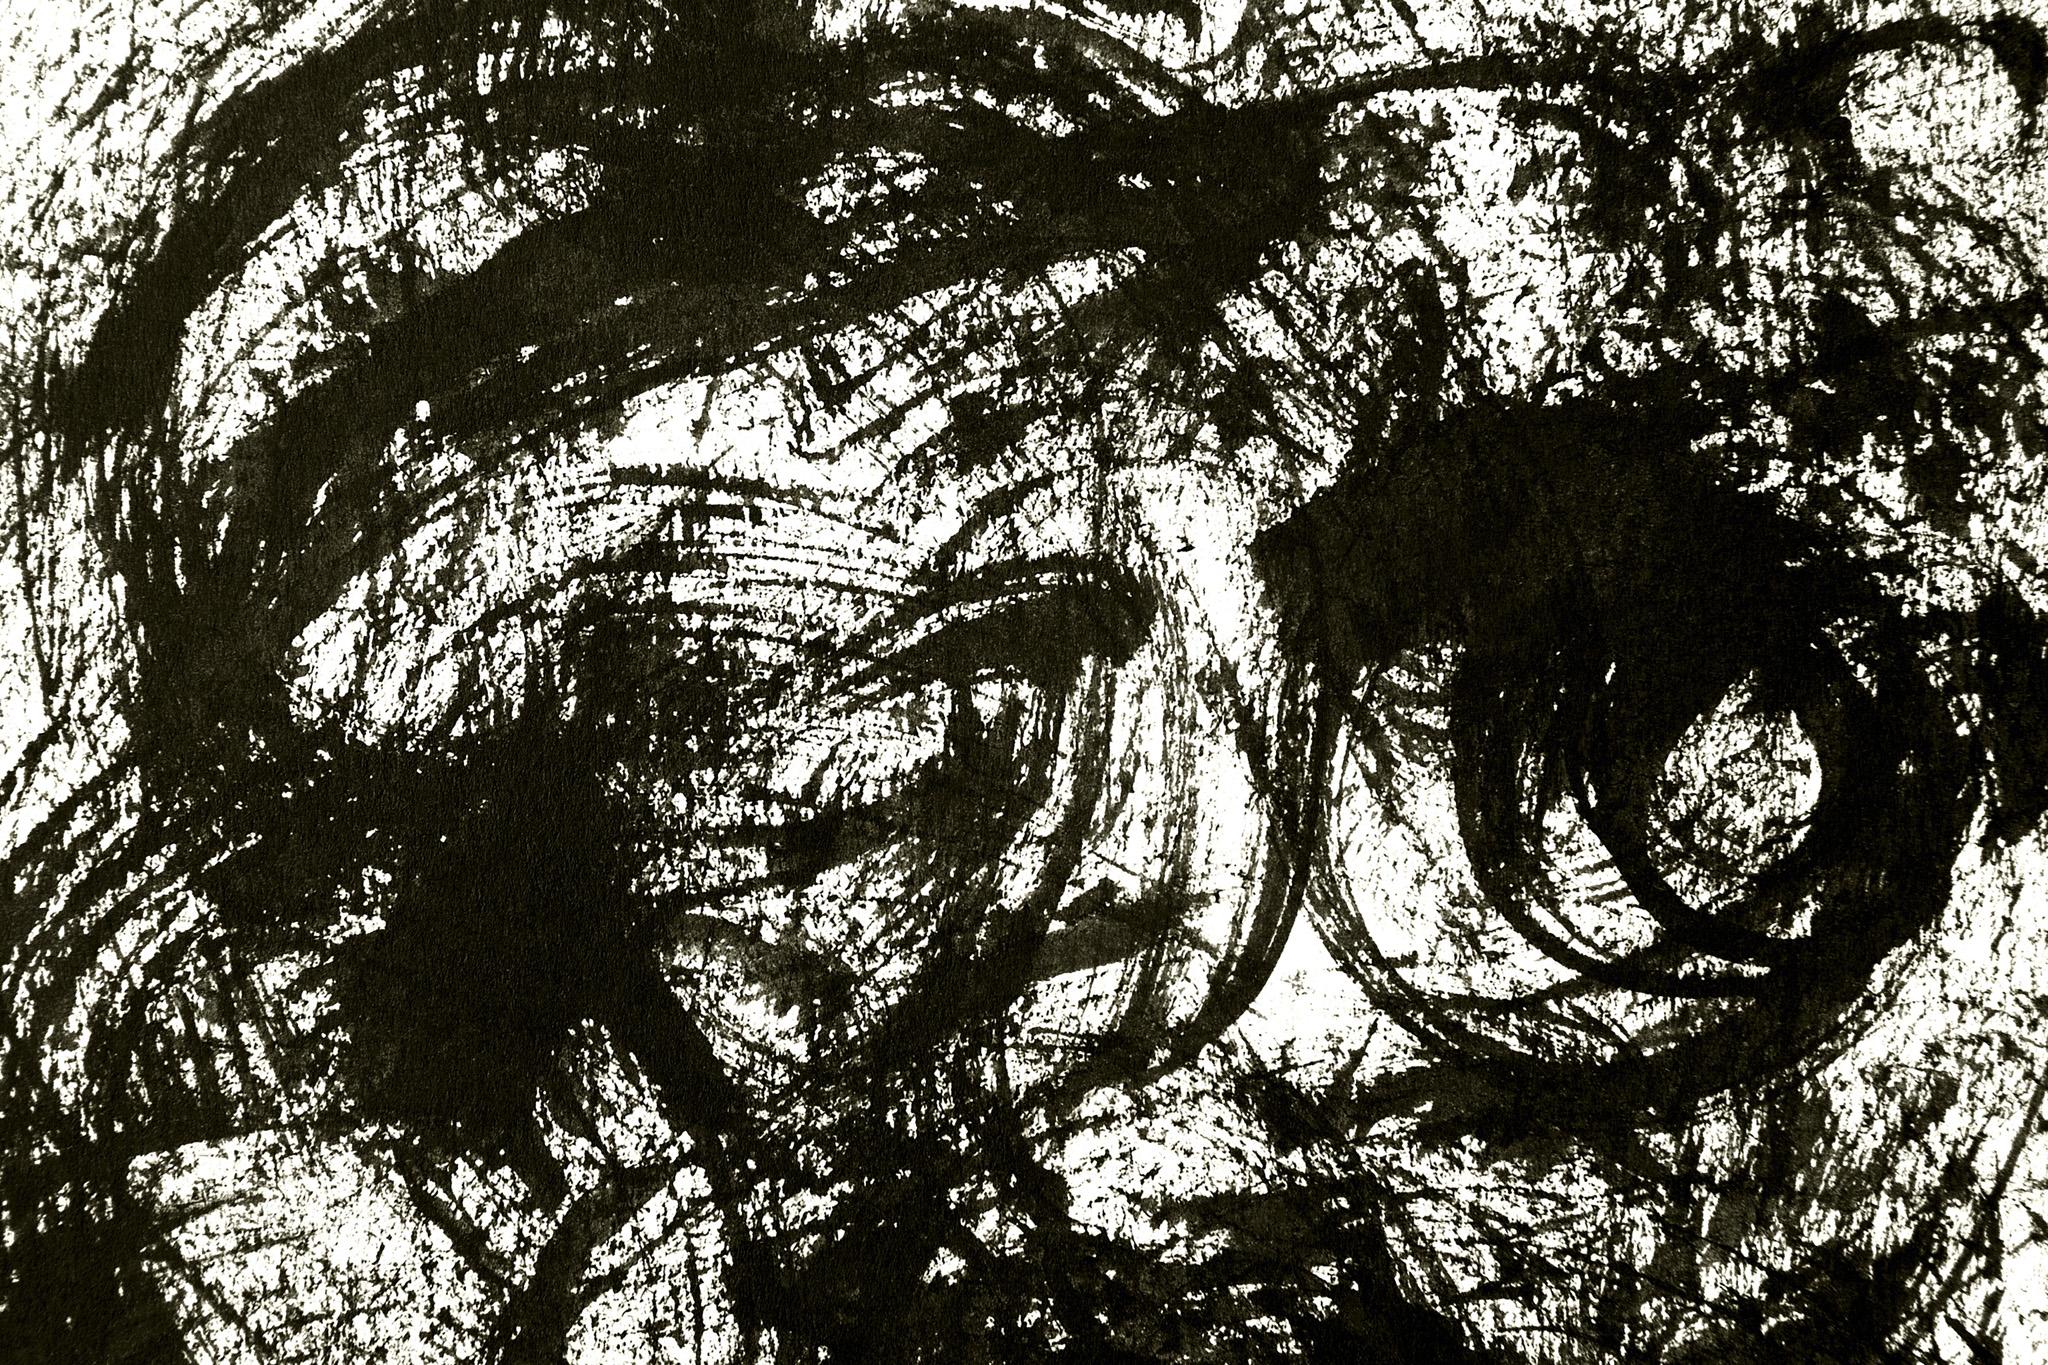 「渦を巻いた墨の掠れの背景」